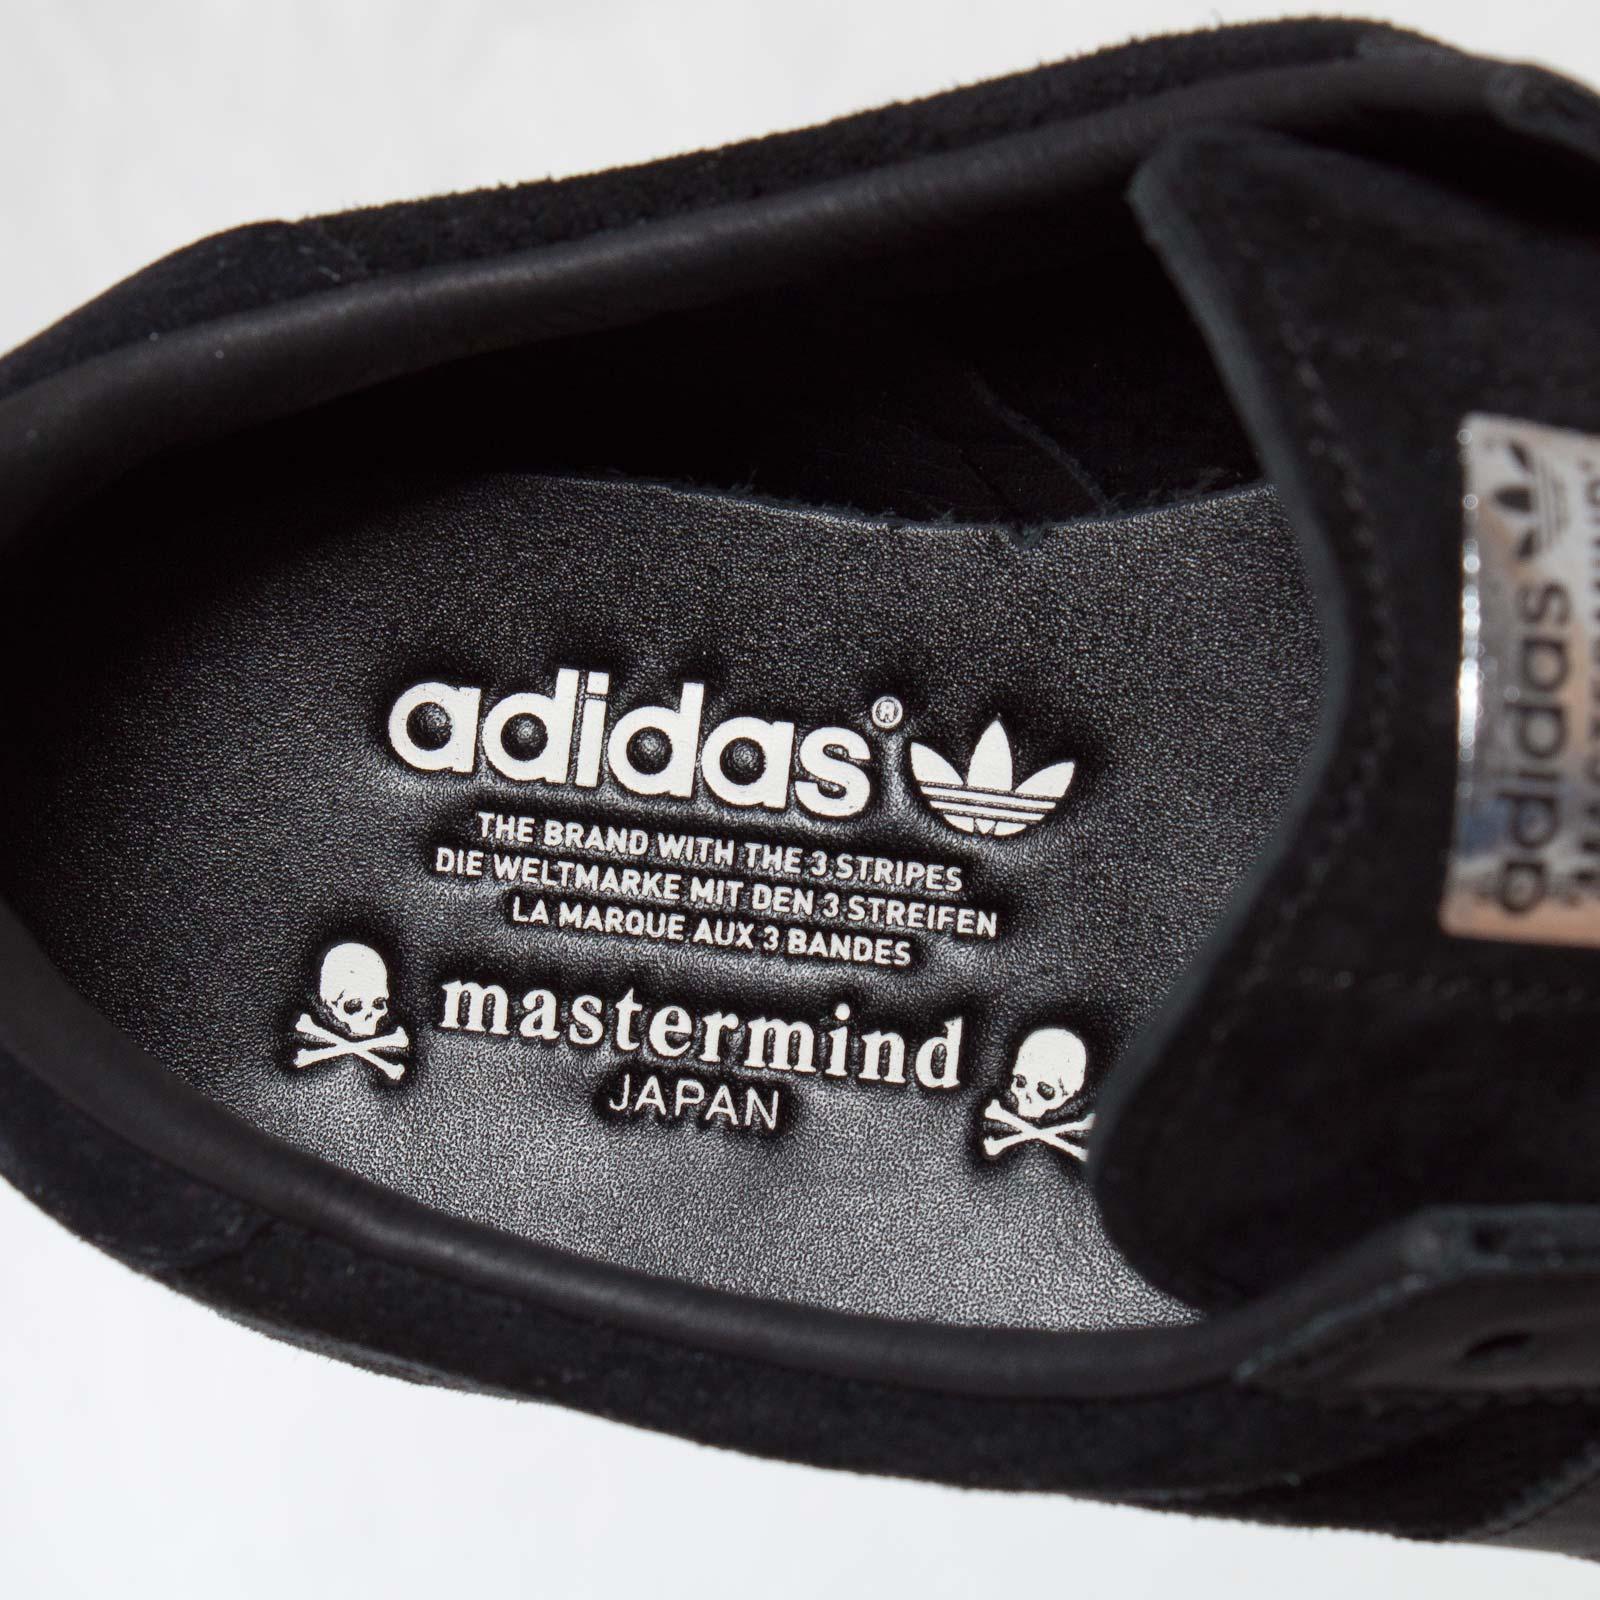 adidas Gazelle OG - mastermind - G95045